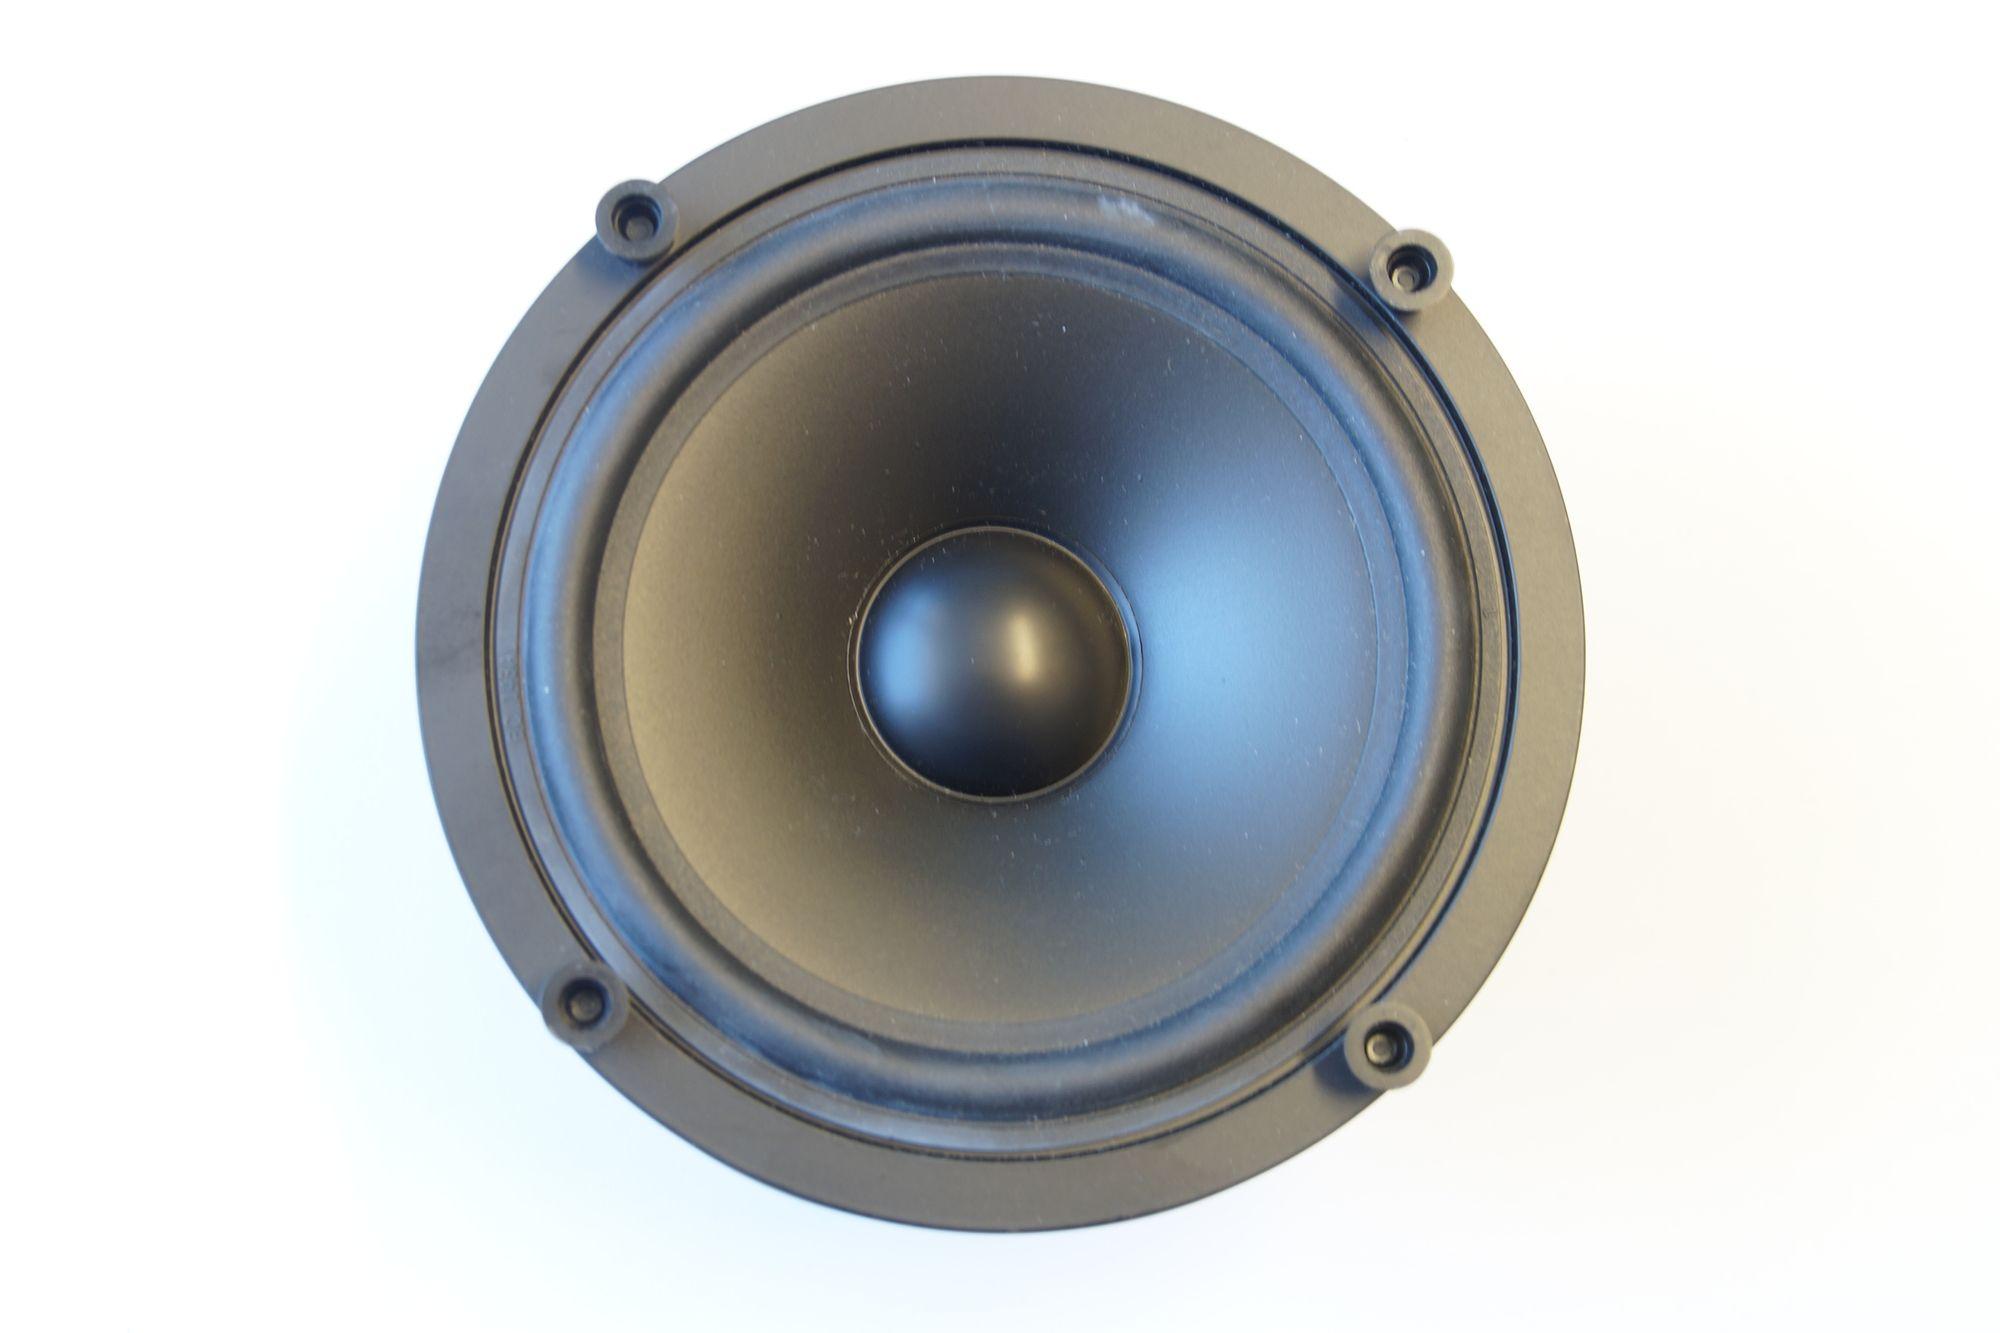 Magnat Sound Studio M3 175 mm Tiefmitteltöner, 130 Watt max., 1 Stück SERVICEWARE